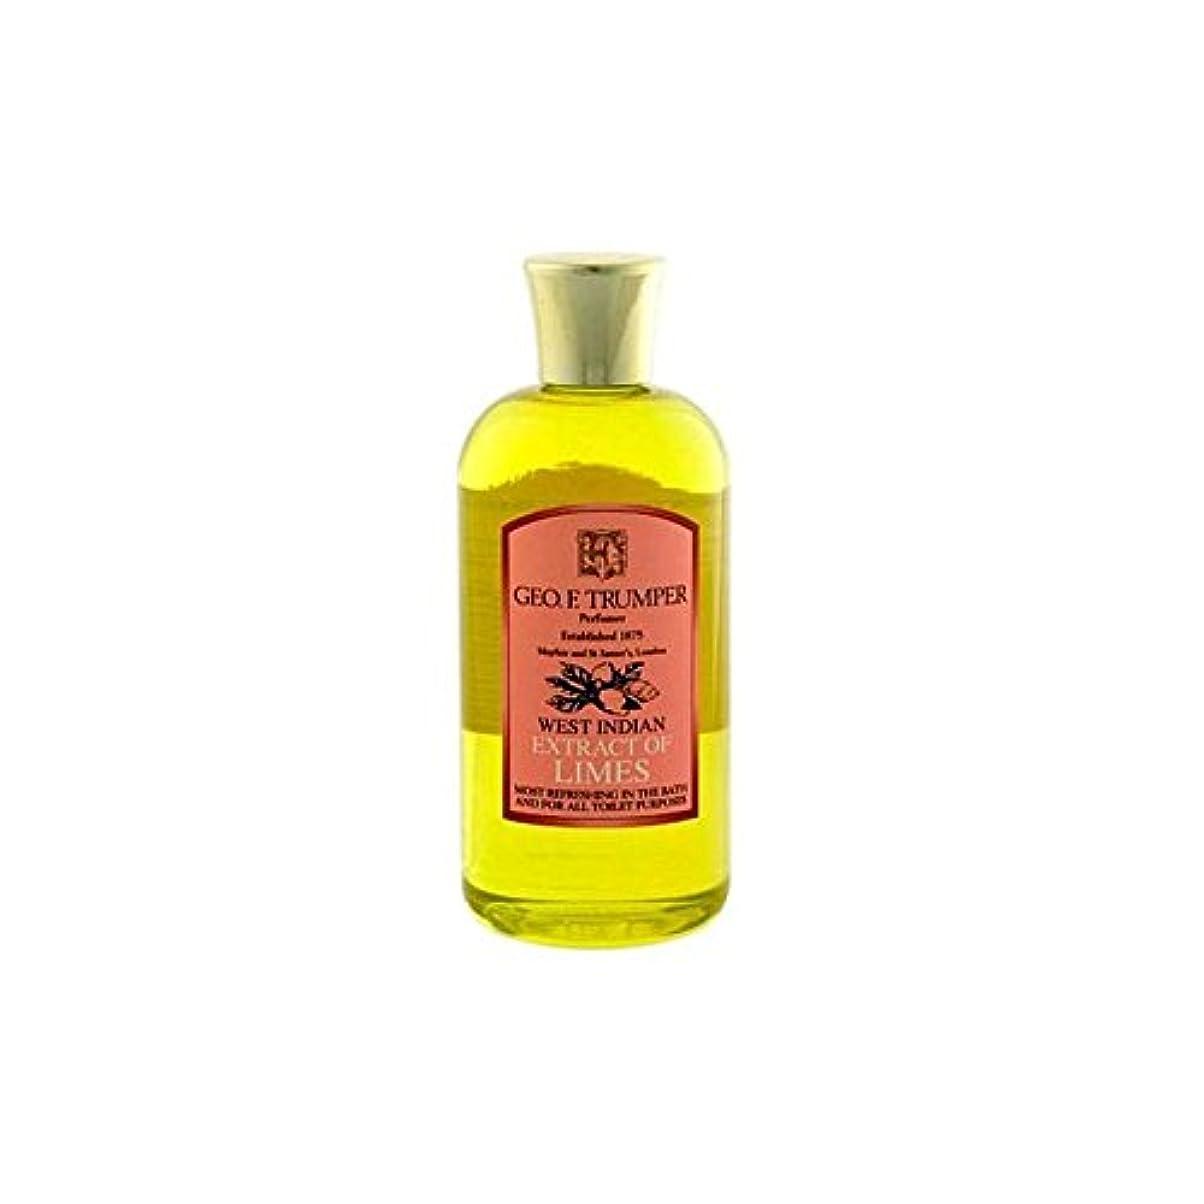 好戦的な塗抹失礼なライムのバスタブとシャワージェル200の抽出物を x2 - Trumpers Extracts of Limes Bath and Shower Gel 200ml (Pack of 2) [並行輸入品]